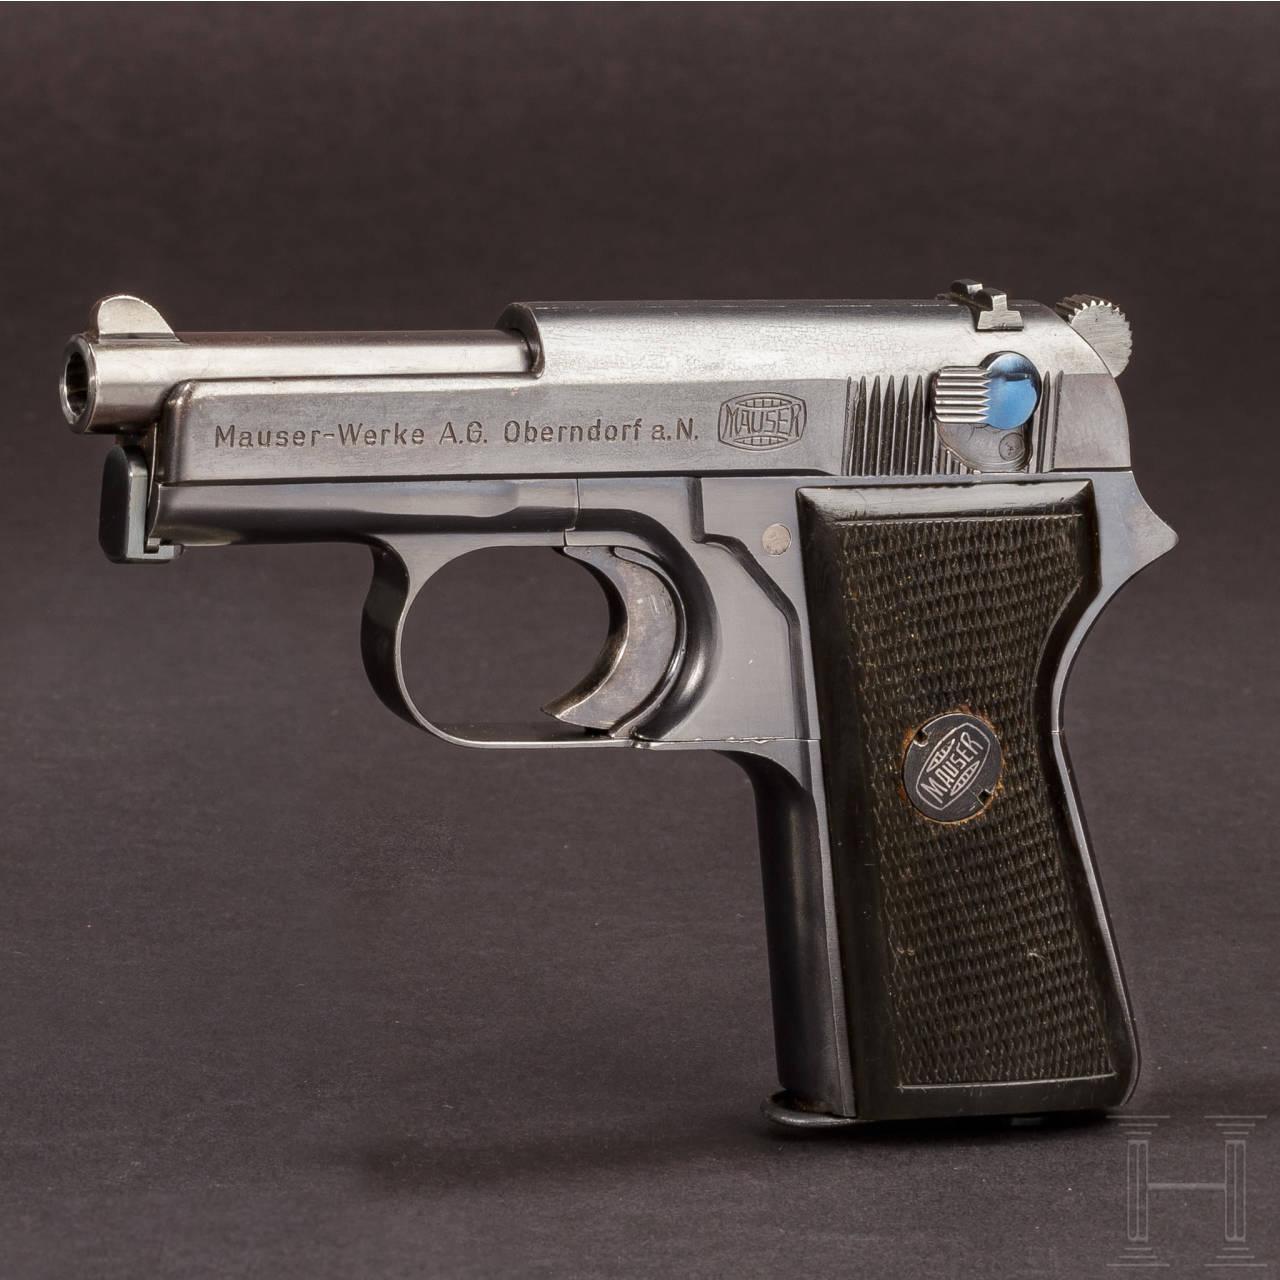 Mauser Selbstladepistole - Prototyp mit Hahn und Revolverspannung